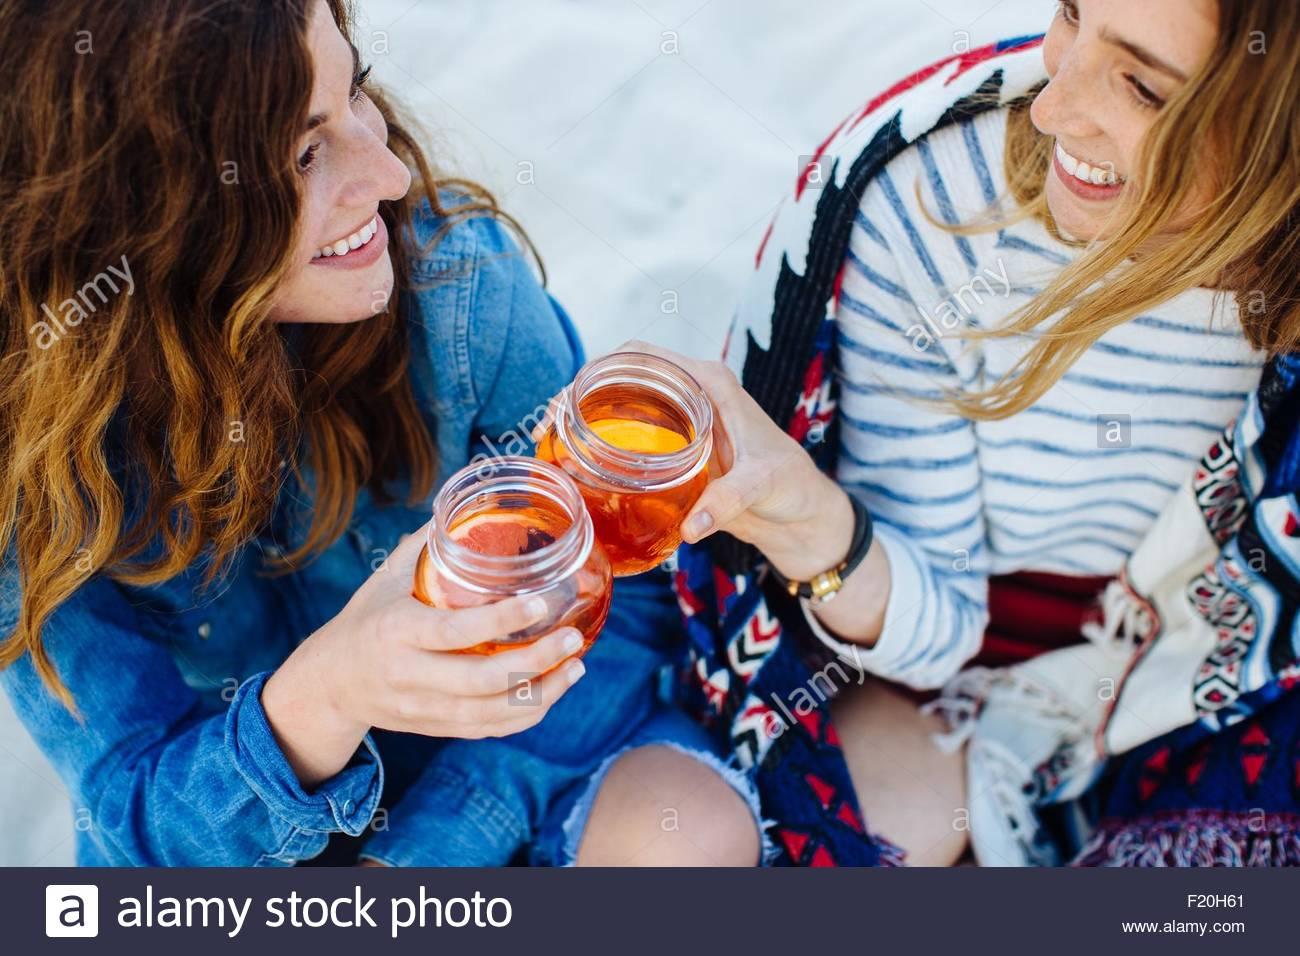 Dos amigas jóvenes brindando con jar beber en la playa Imagen De Stock